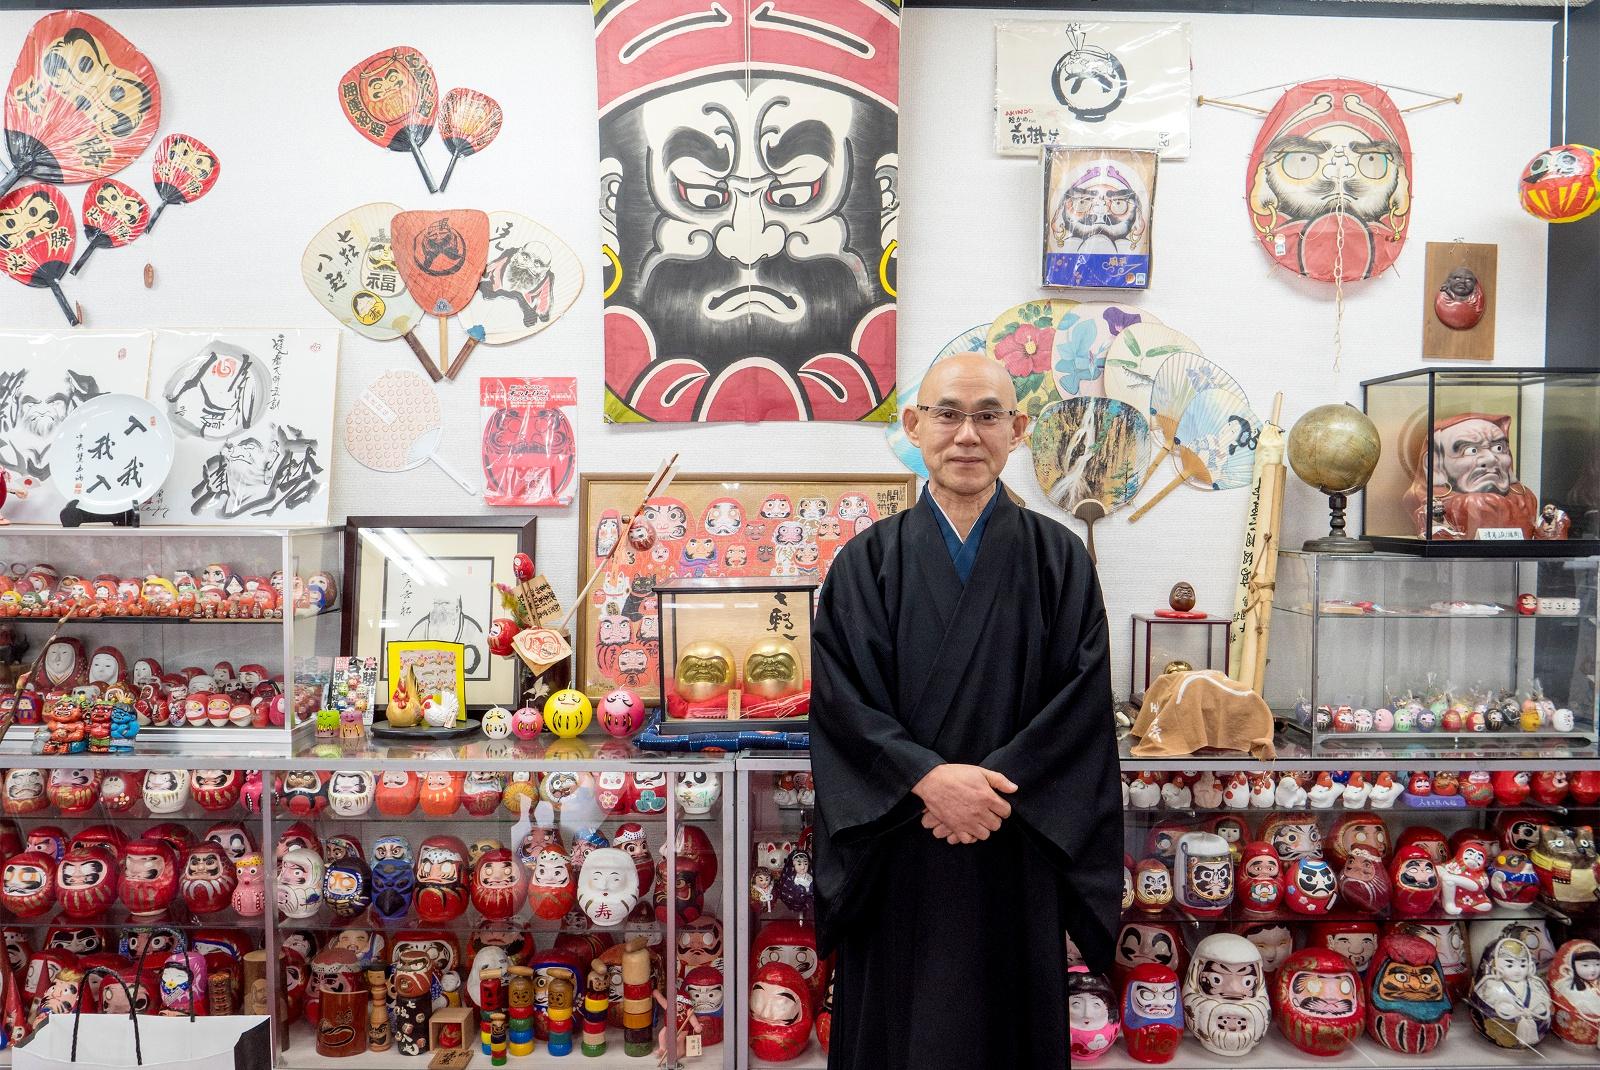 達磨のコレクションは2000体以上!北広島のユニークなお寺「達磨時」